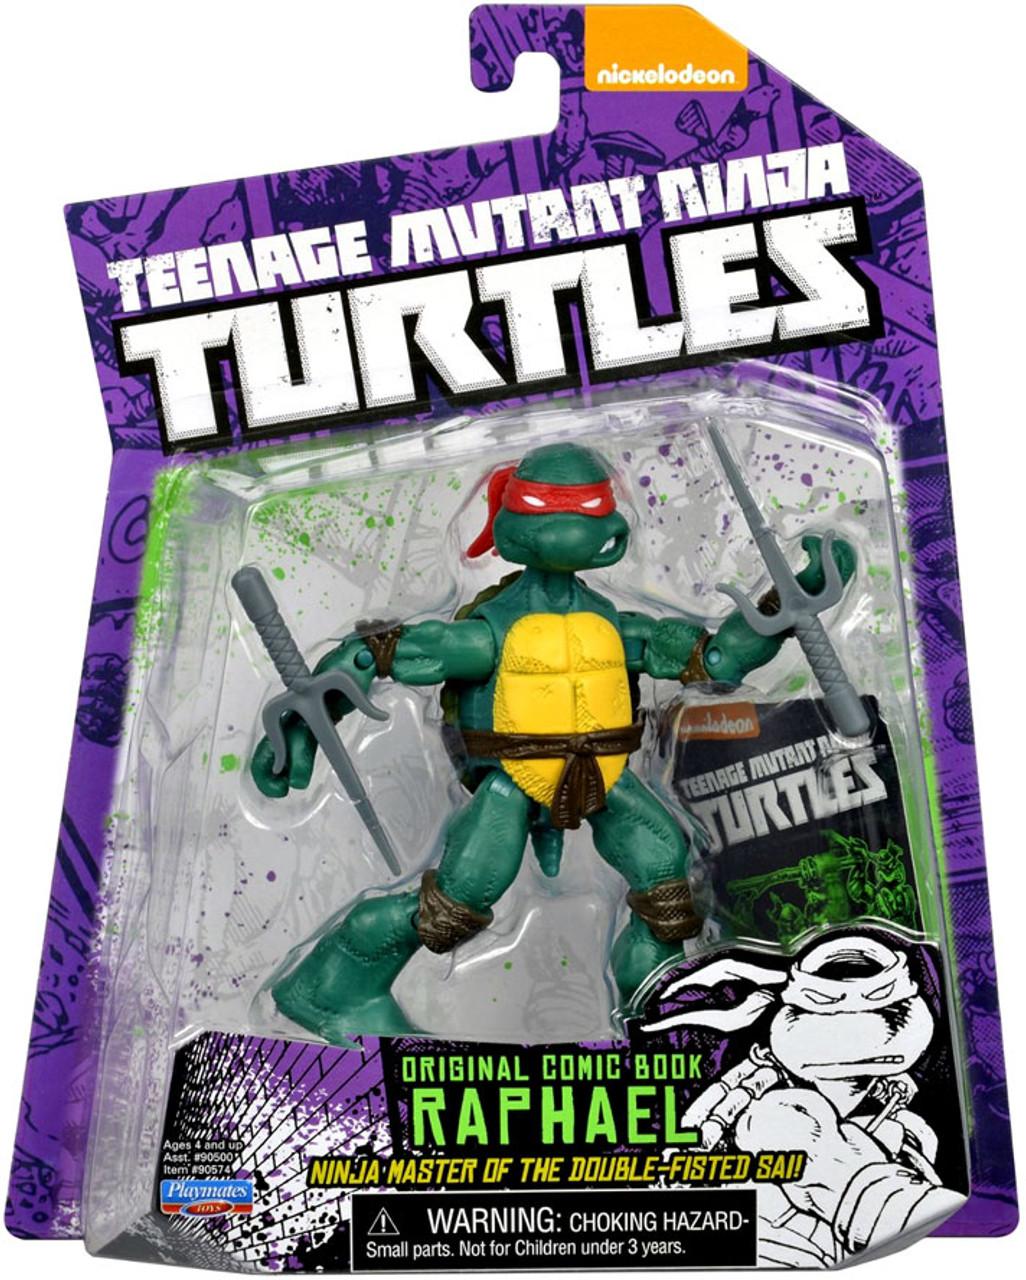 Nickelodeon Teenage Mutant Ninja Turtles Classic Raphael Figure Toy NEUF *